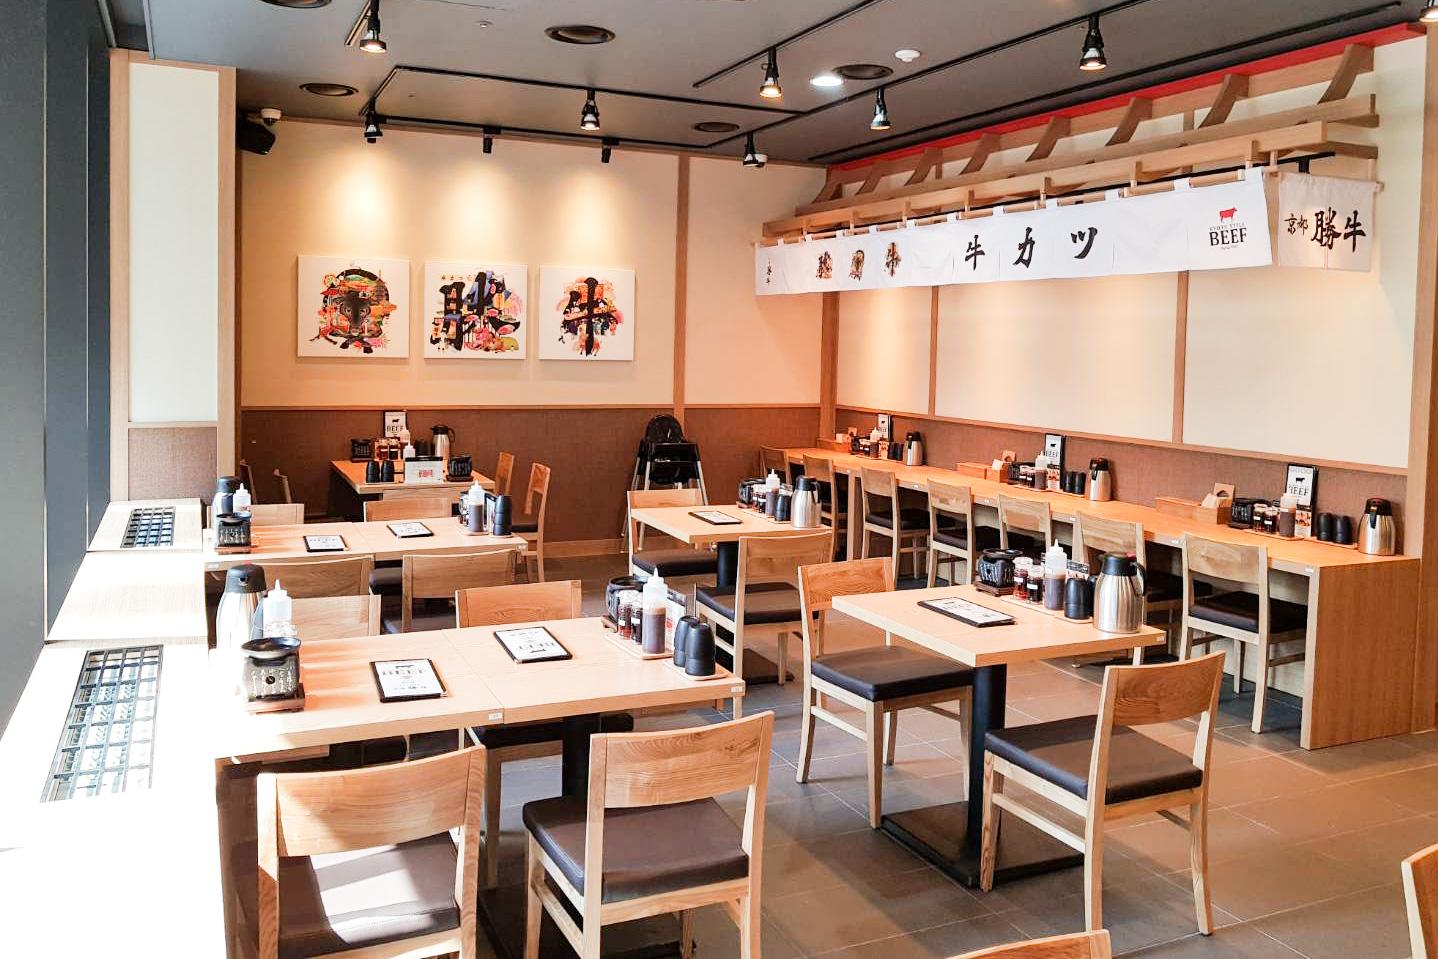 韓国13号店カンナム358タワー店